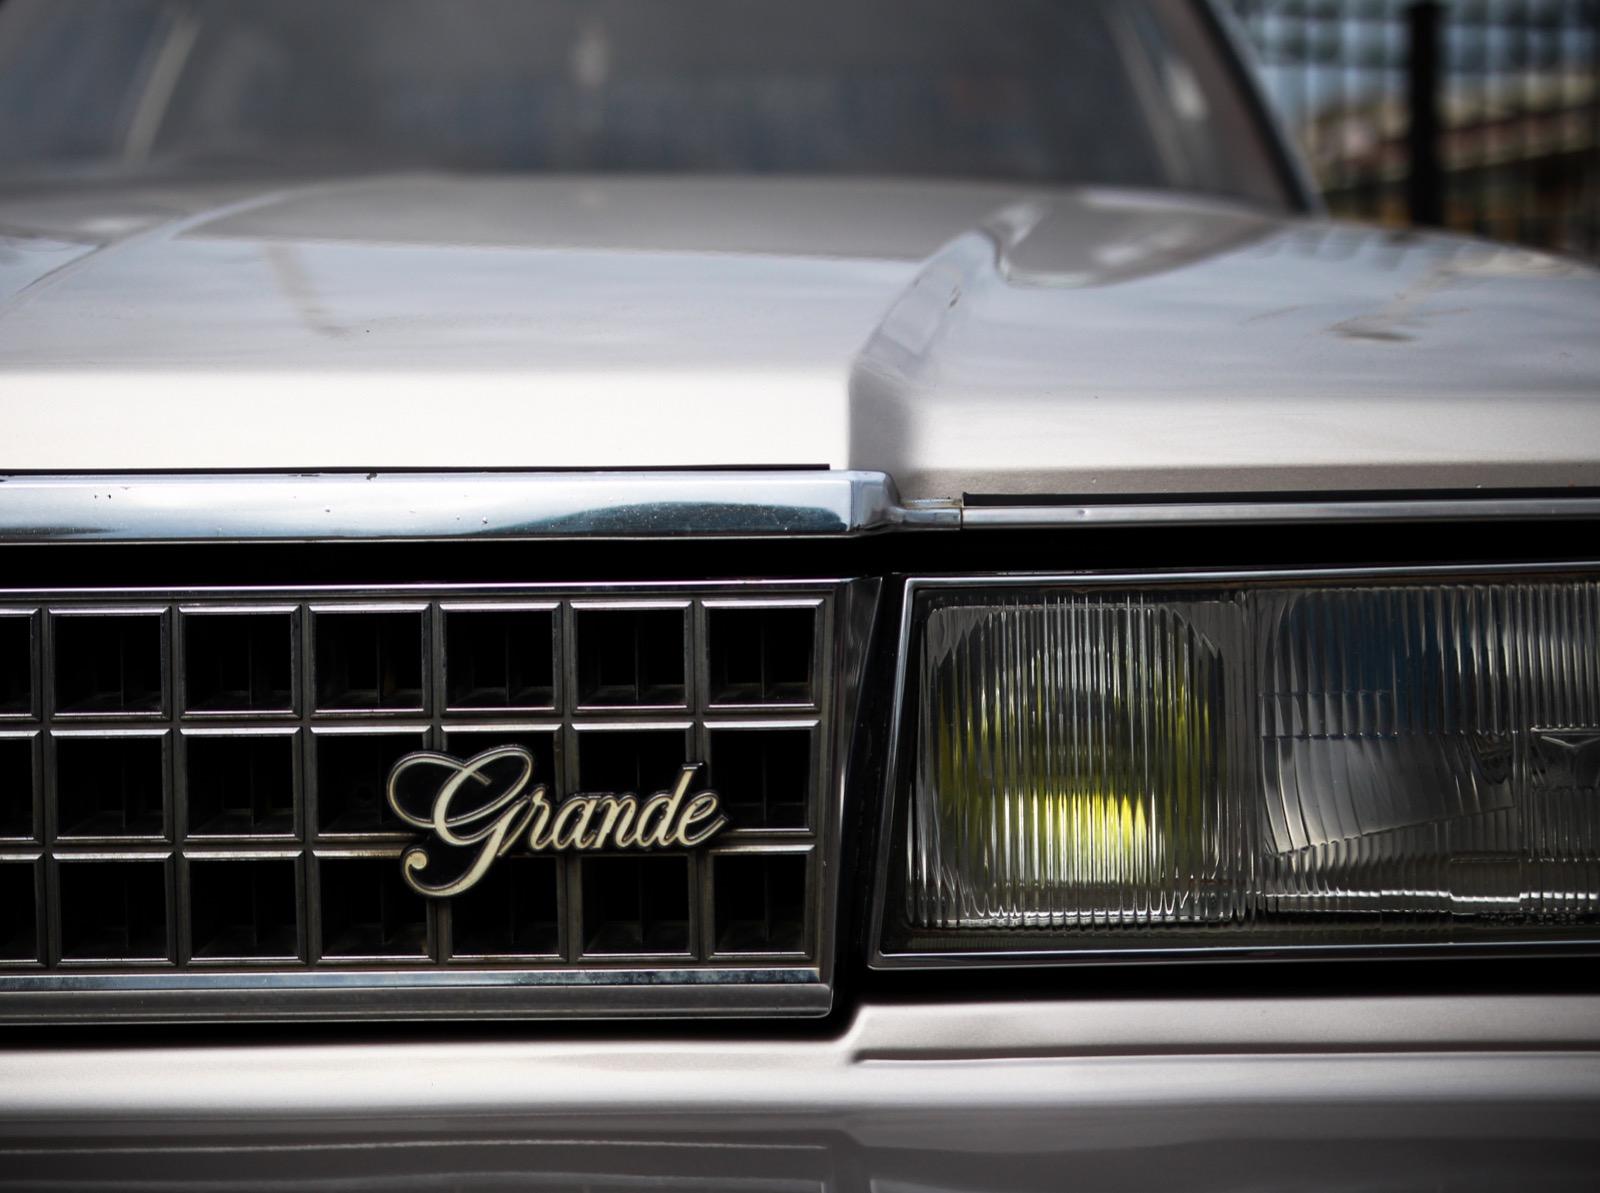 Toyota Mark2 GX61 внимание к деталям